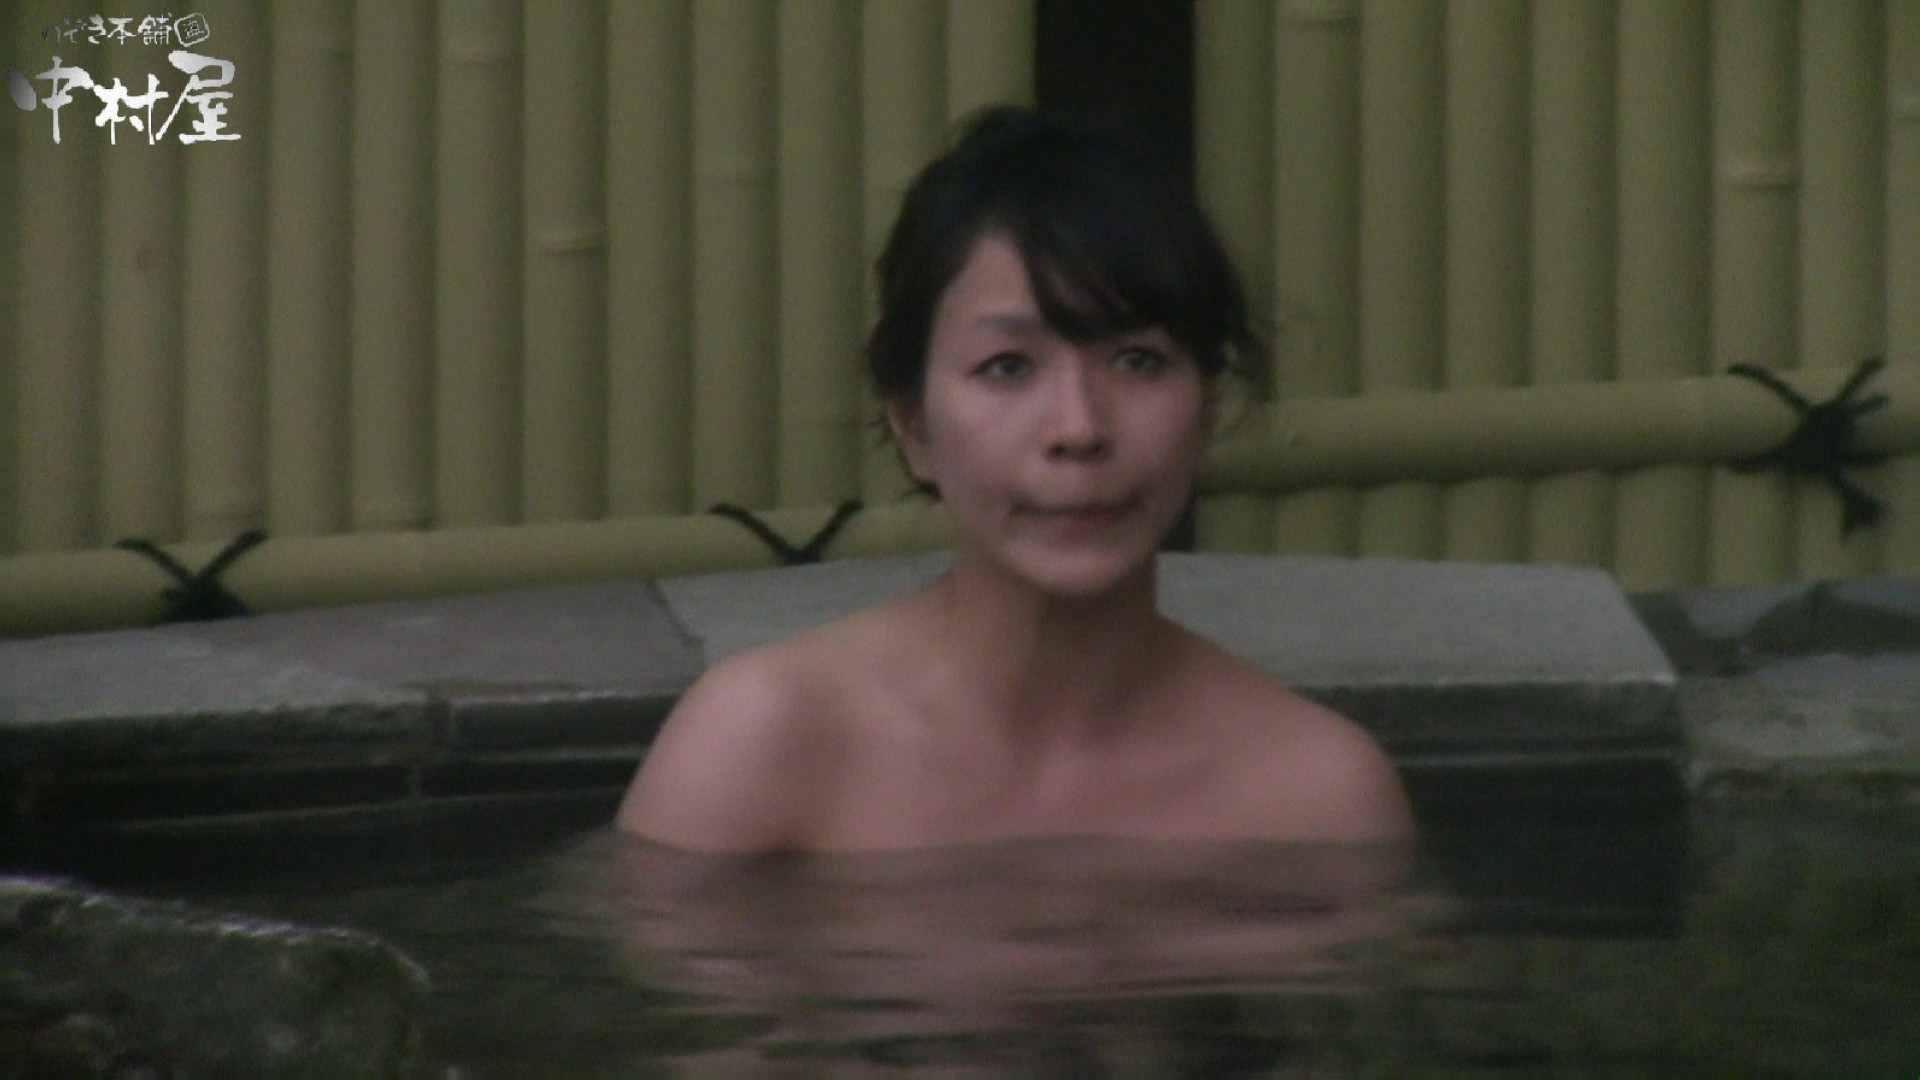 Aquaな露天風呂Vol.930 0   0  101pic 15